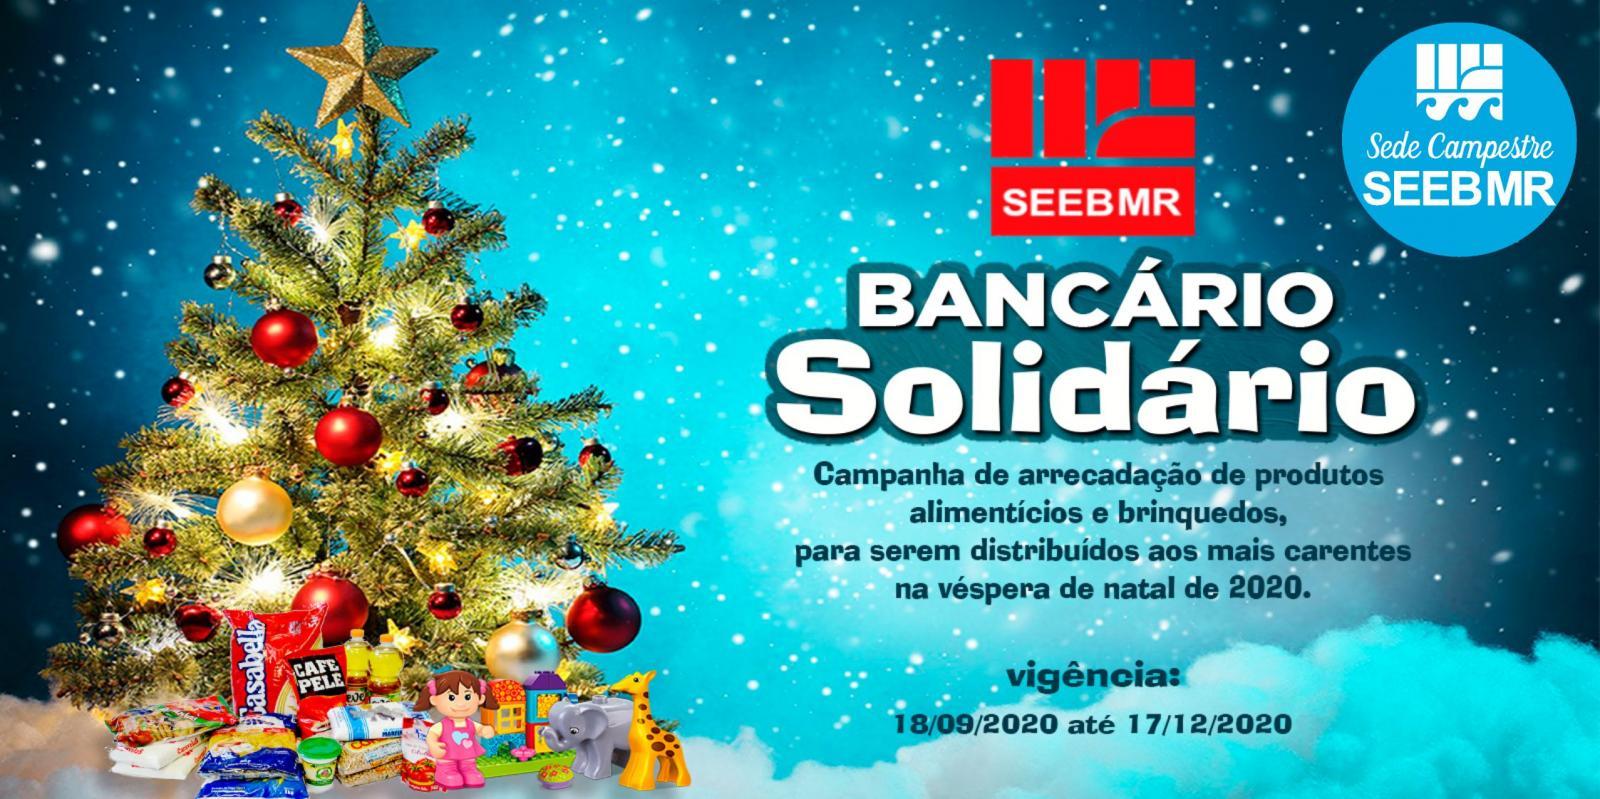 Bancário Solidário